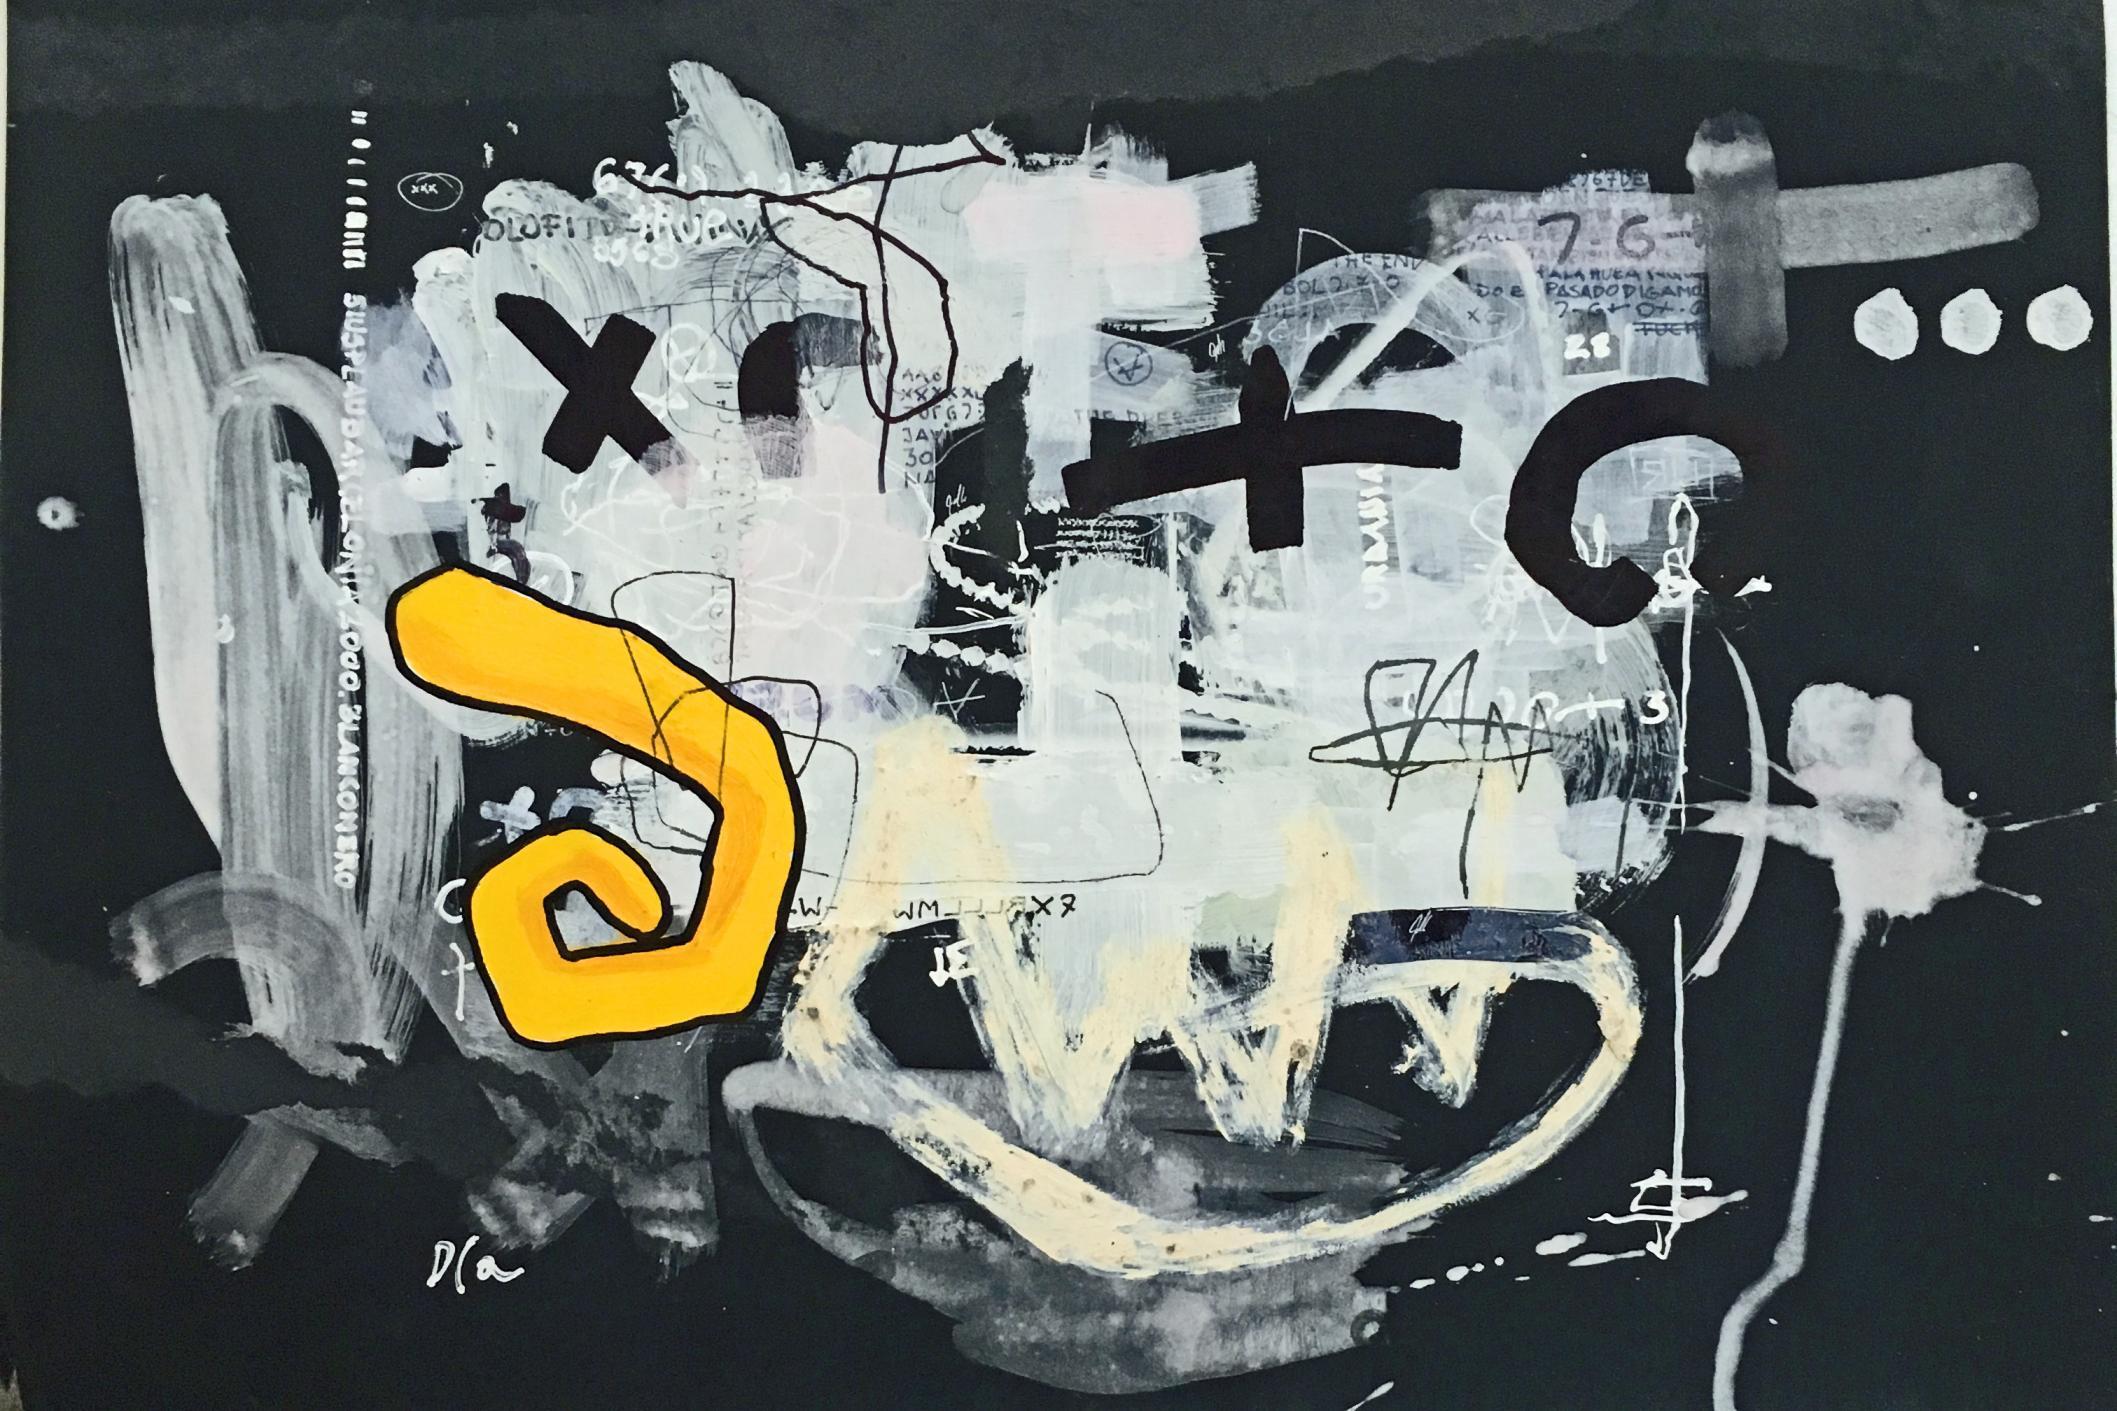 Serie Urbania 01 (2003) - Javier de Cea